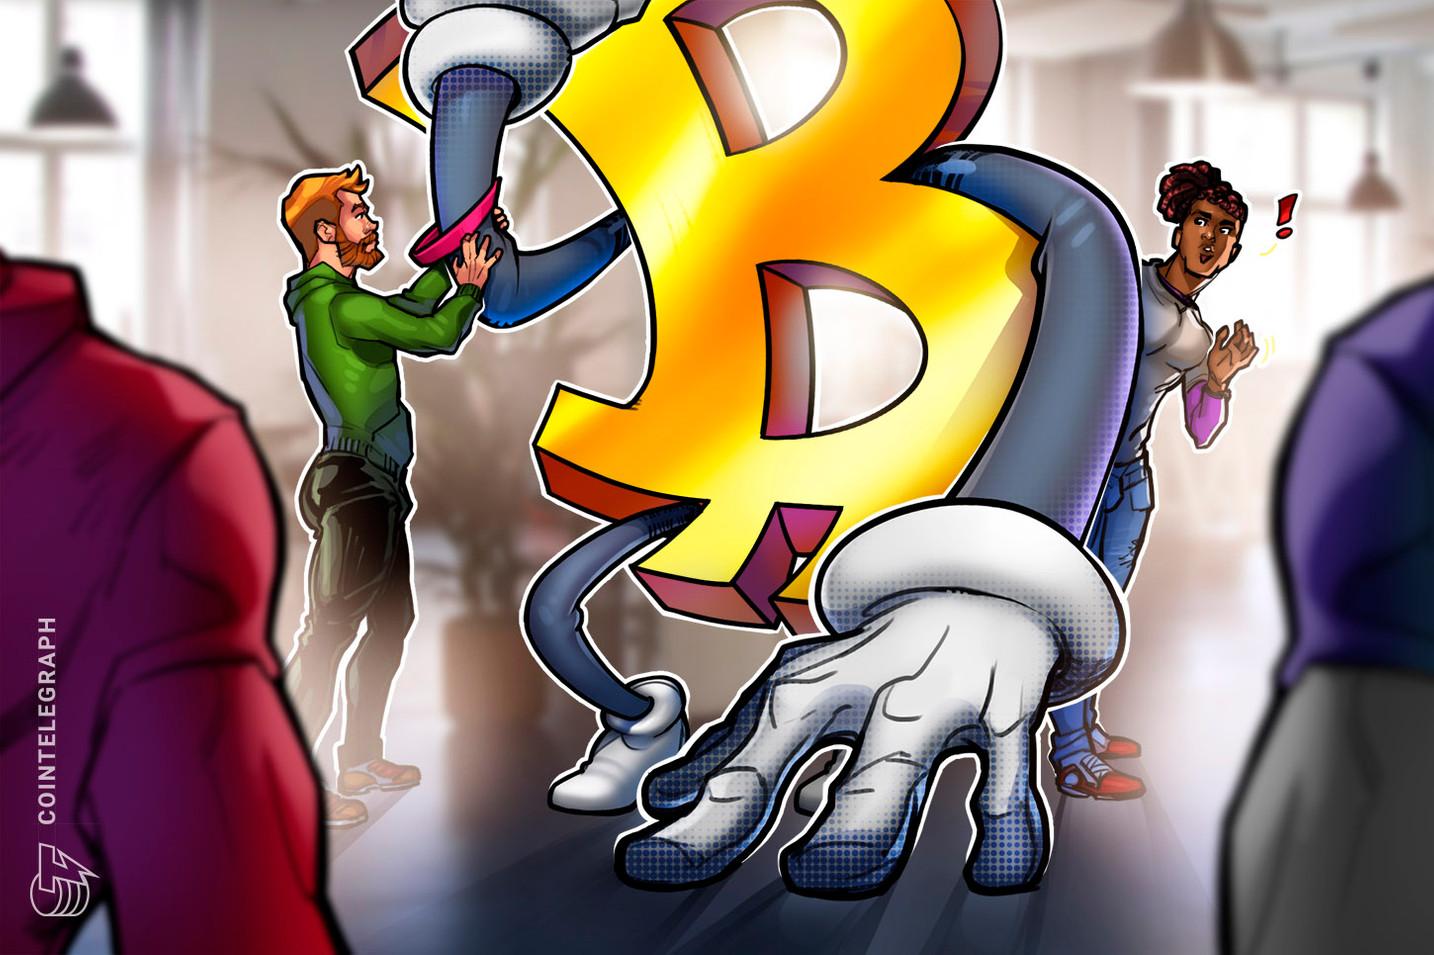 Η συσσώρευση Bitcoin επιταχύνεται μεταξύ των «φαλαινών» και των «ψαριών» με το ράλι του BTC να ανέρχεται στα $ 40